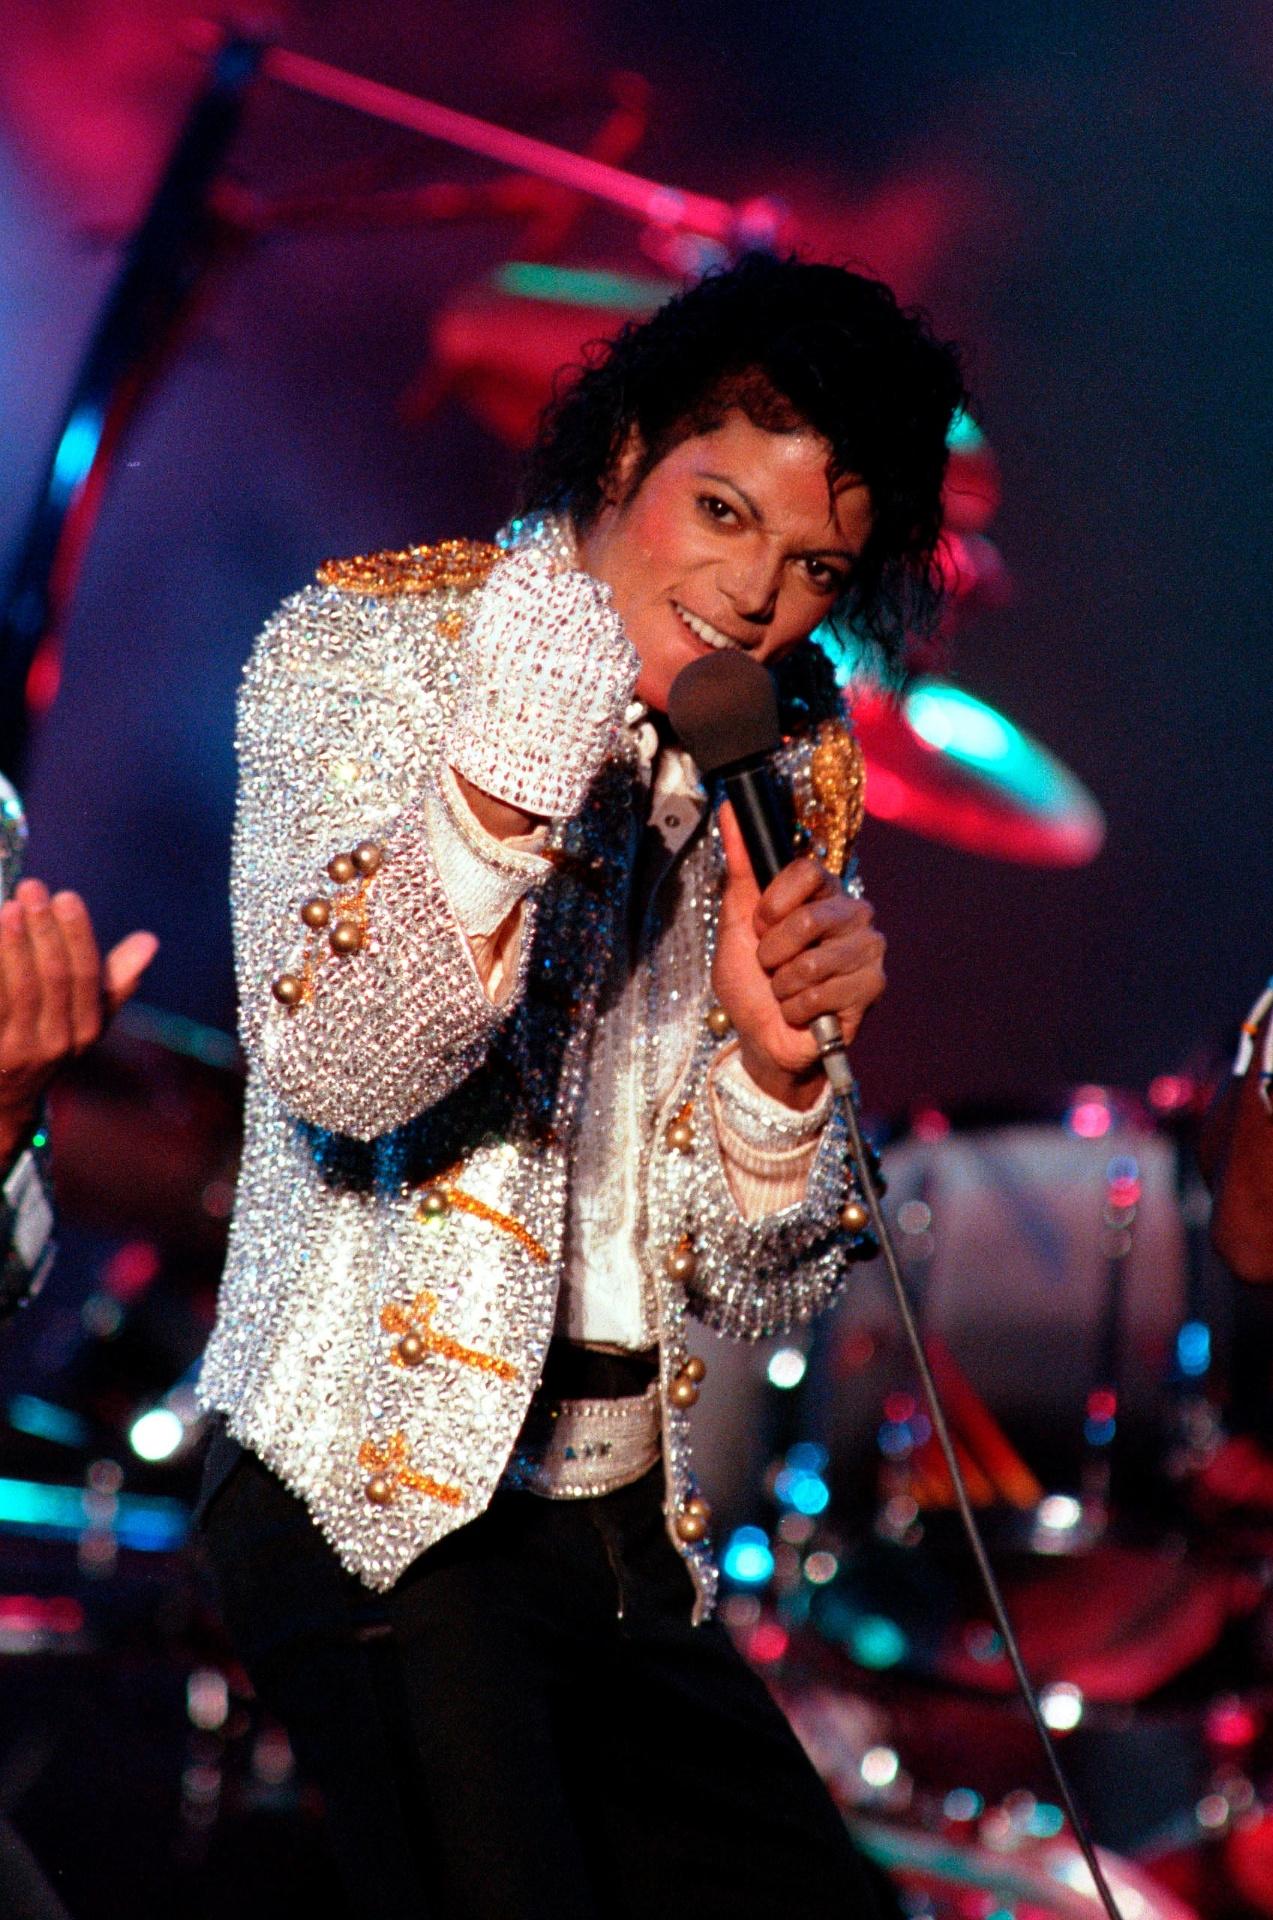 Detalhe da luva de Michael Jackson, que já teve alguns modelos leiloados e terá outro no próximo dia 30 de julho